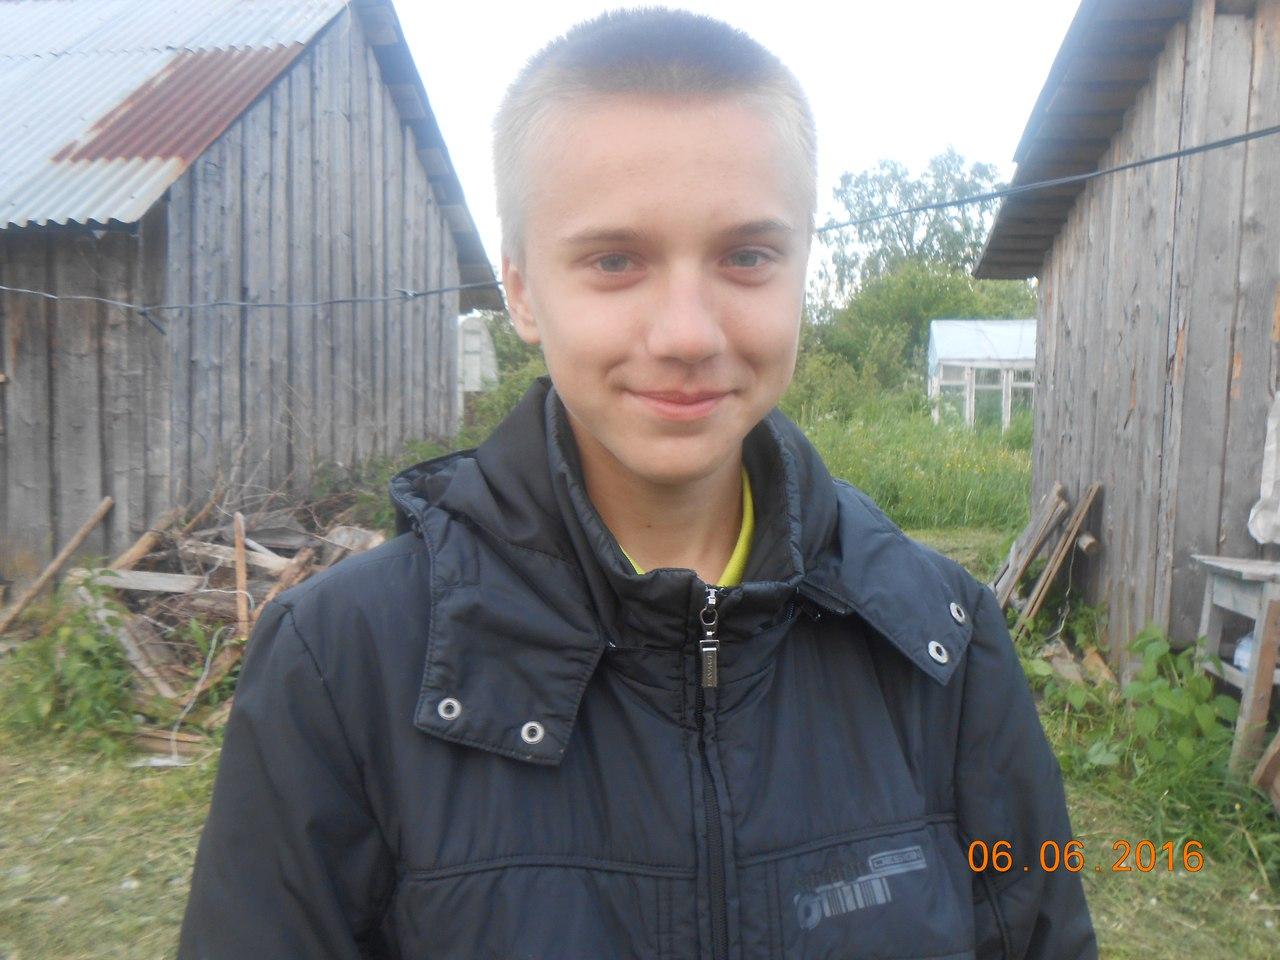 В Череповецком районе школьник спас тонущего в пруду 4-летнего мальчика